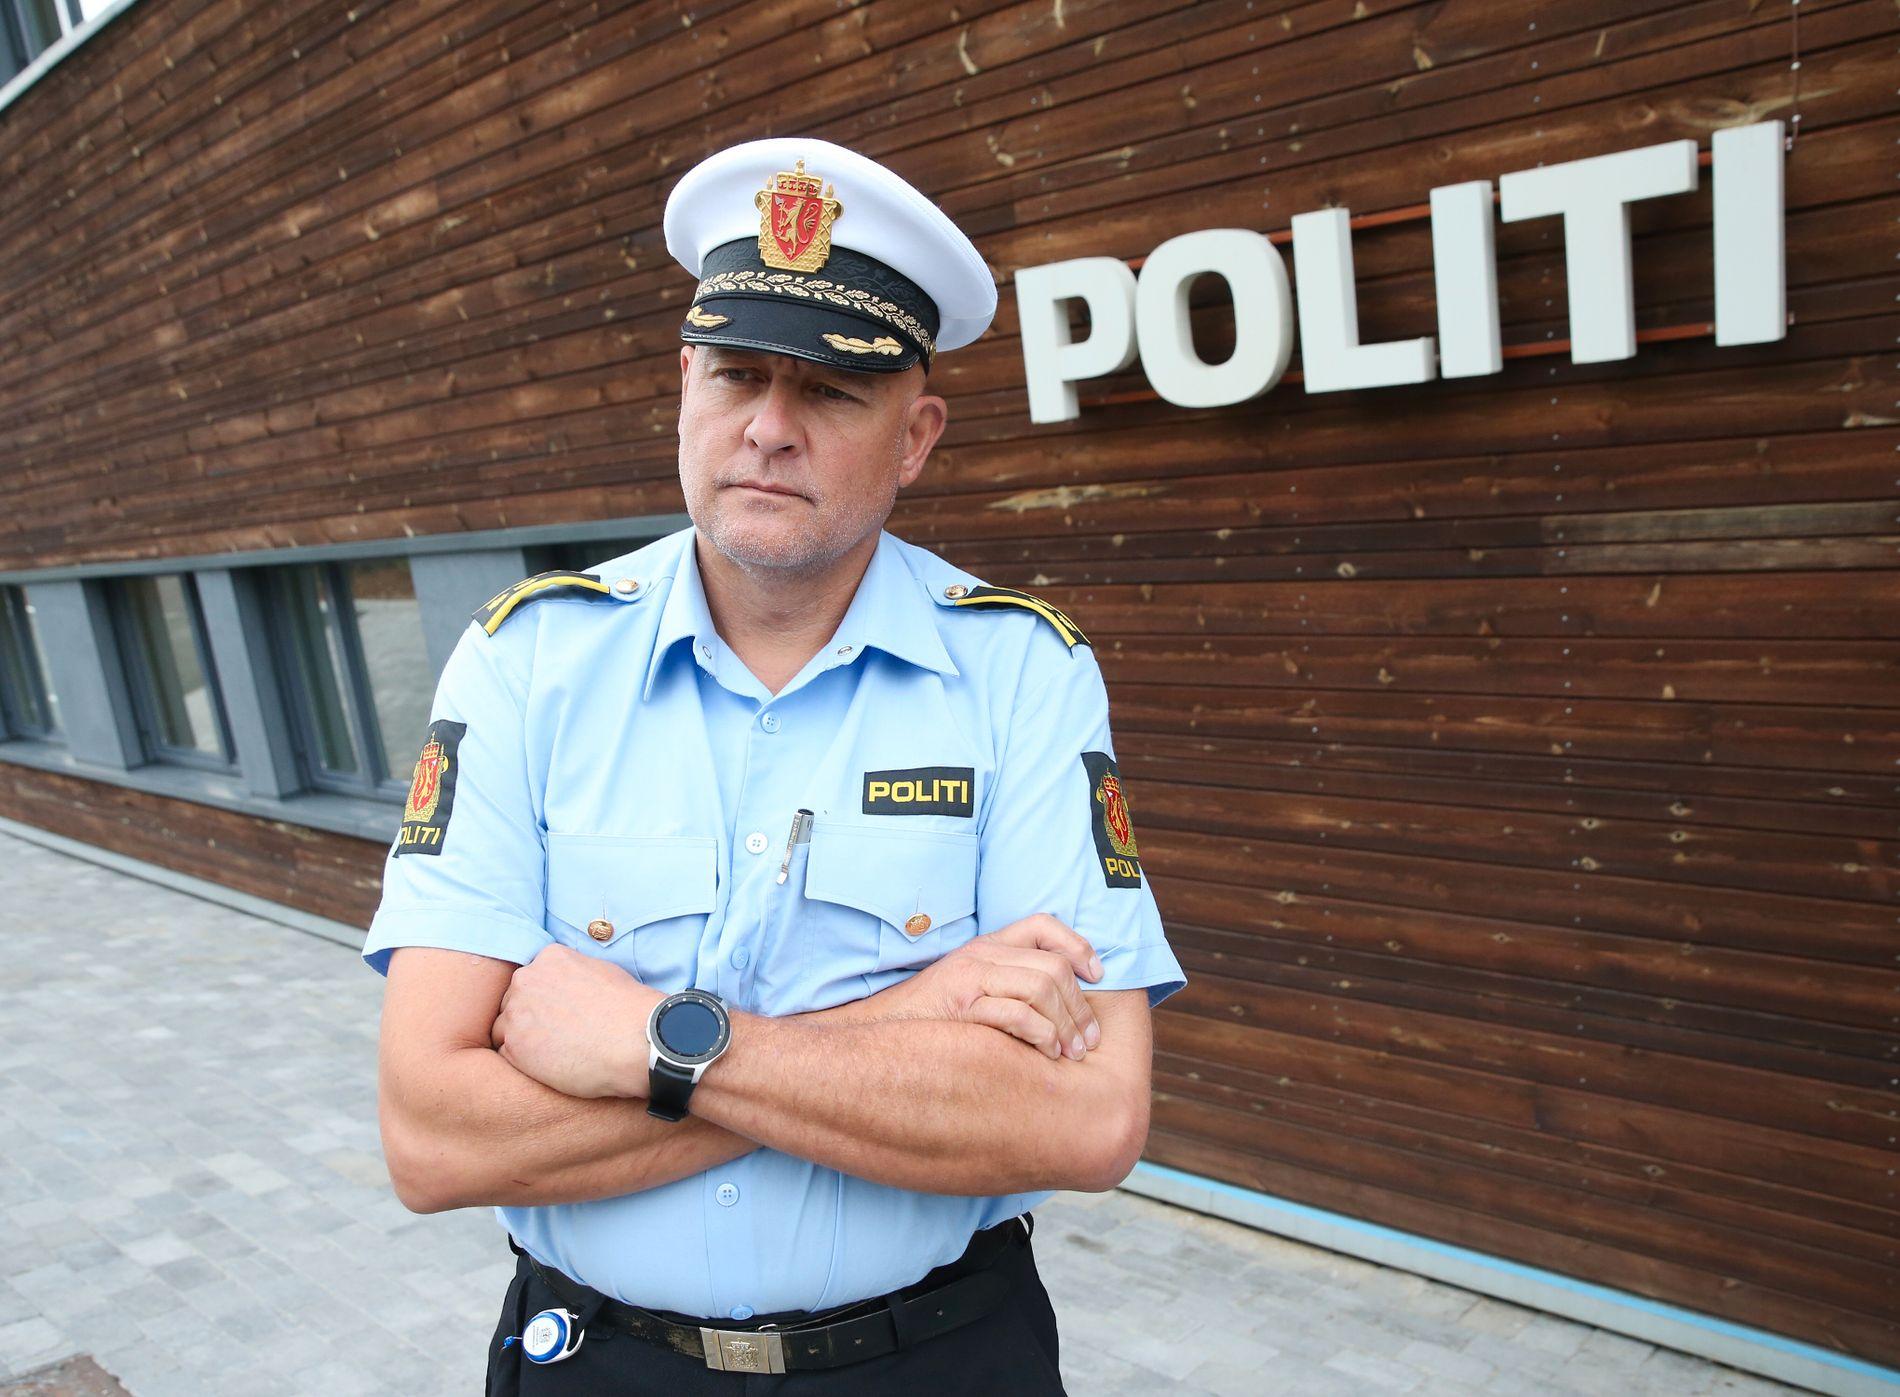 HADDE KJENNSKAP TIL MANNEN: Stabssjef Pål Erik Teigen sier at politiet visste hvem mannen var fra før av når de oppsøkte adressen hans. Han beskriver hendelsen som tragisk.